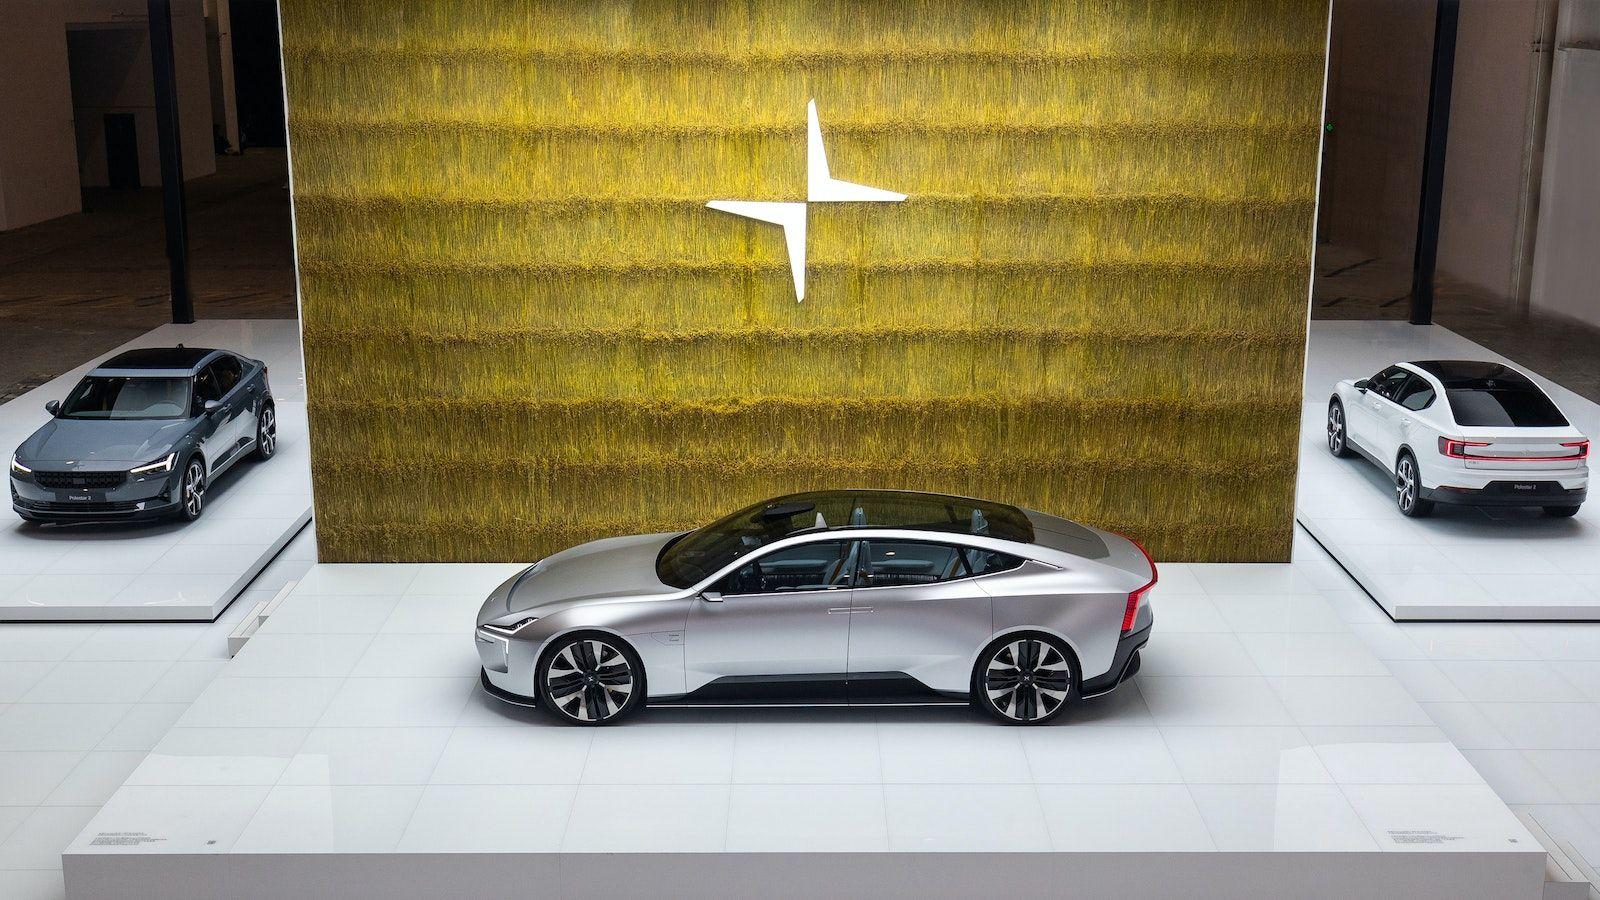 Le stand événement de Polestar au salon de l'automobile de Pékin en 2020.